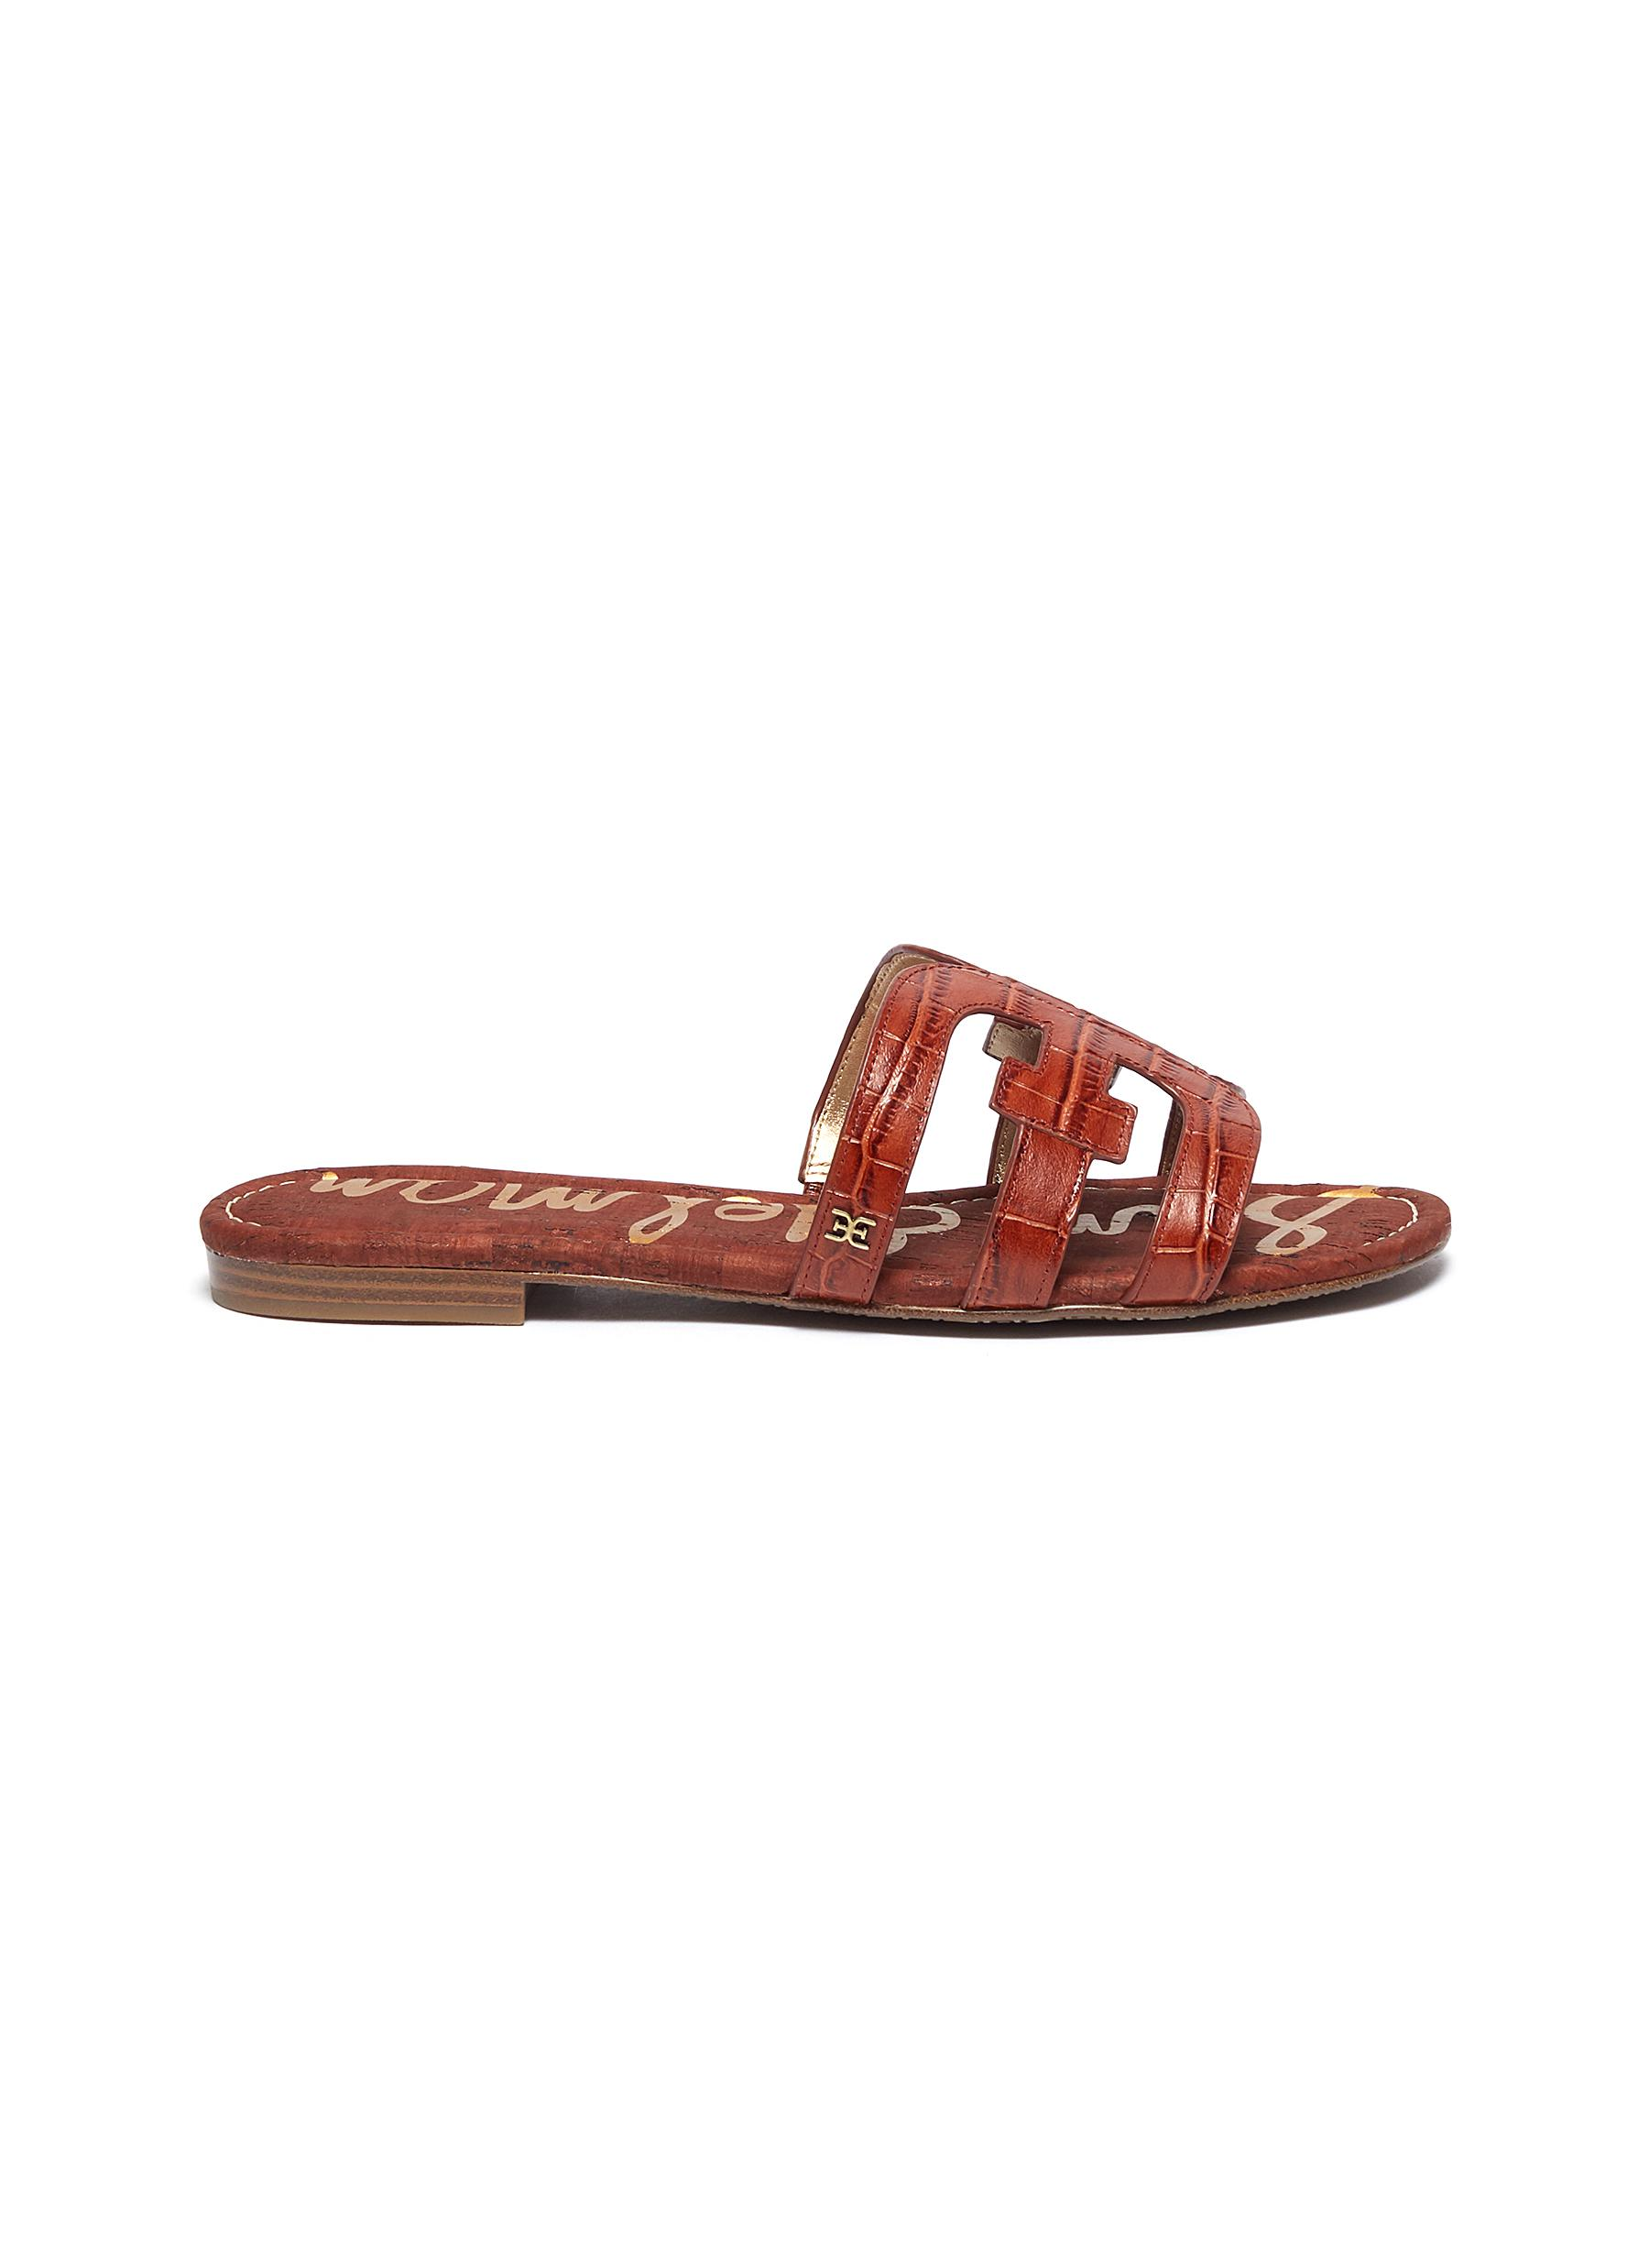 shop Sam Edelman 'Bay' croc embossed leather slide sandals online